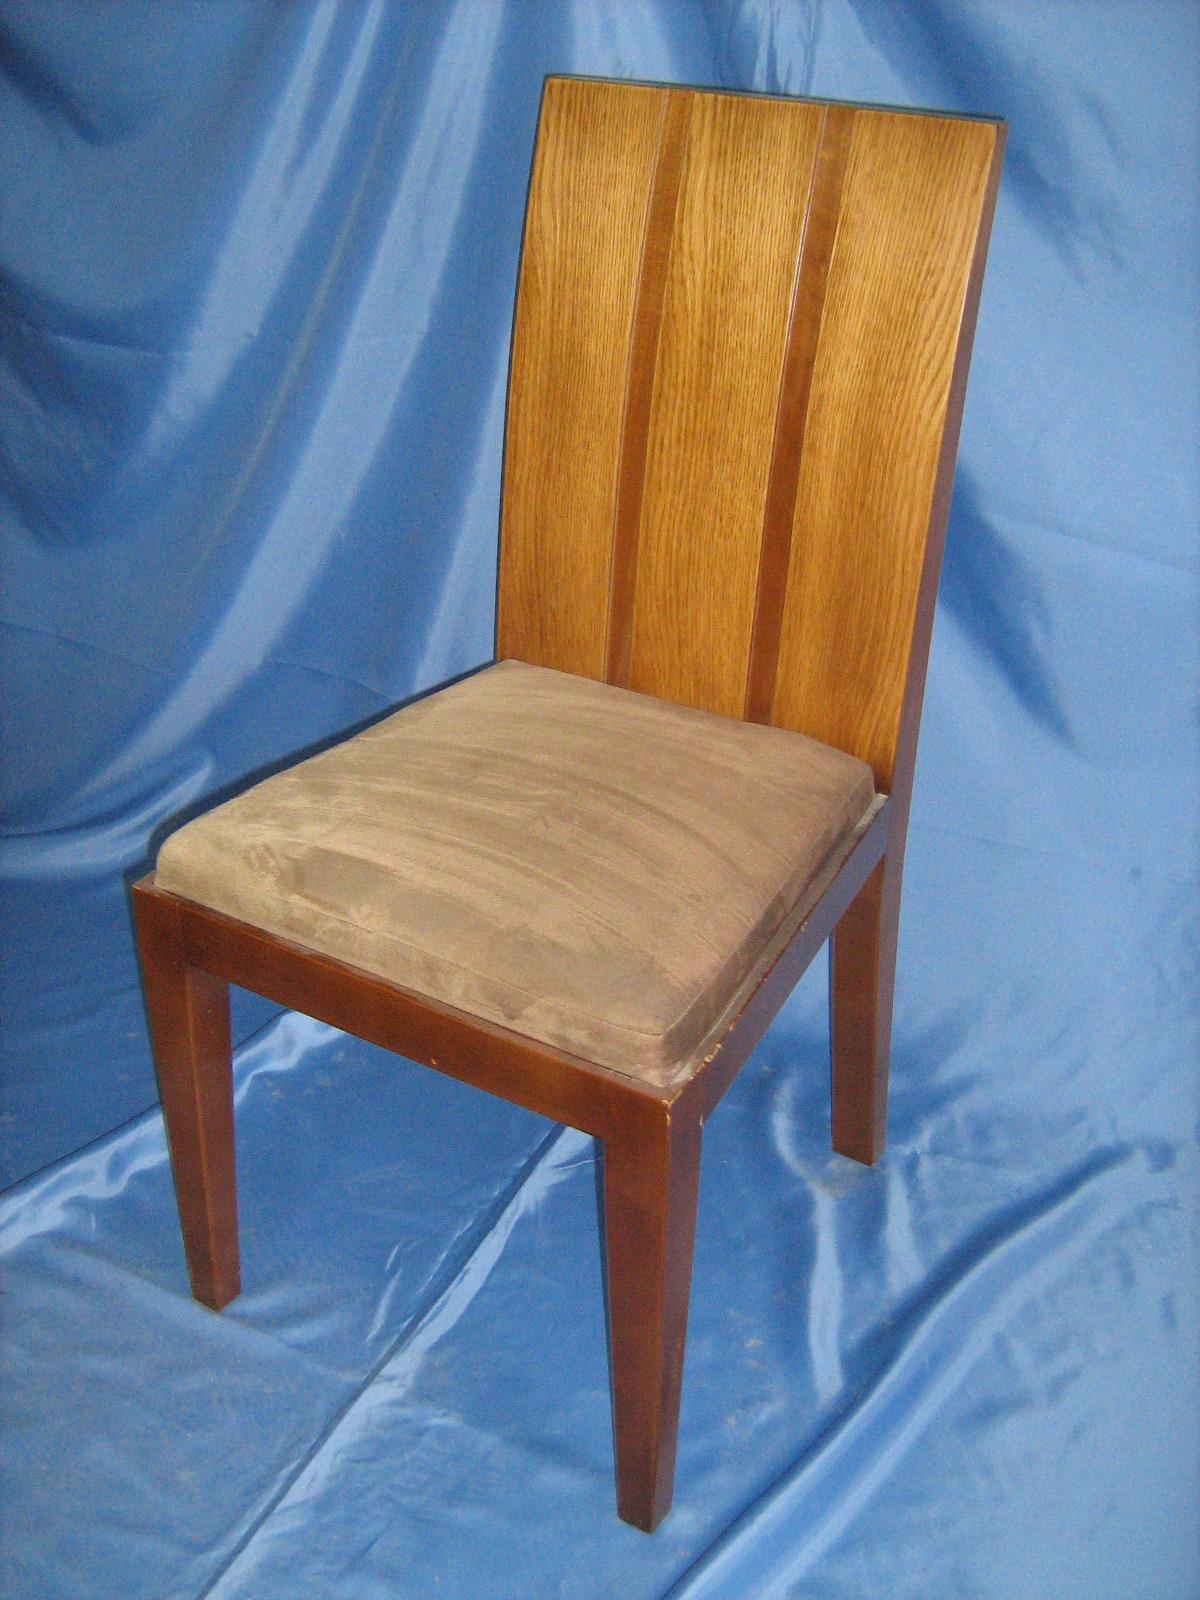 #A16D2A Blog Decoração de Interiores: Cadeira Sala de Jantar SP 1200x1600 px cadeiras para sala de jantar de madeira maciça @ bernauer.info Móveis Antigos Novos E Usados Online